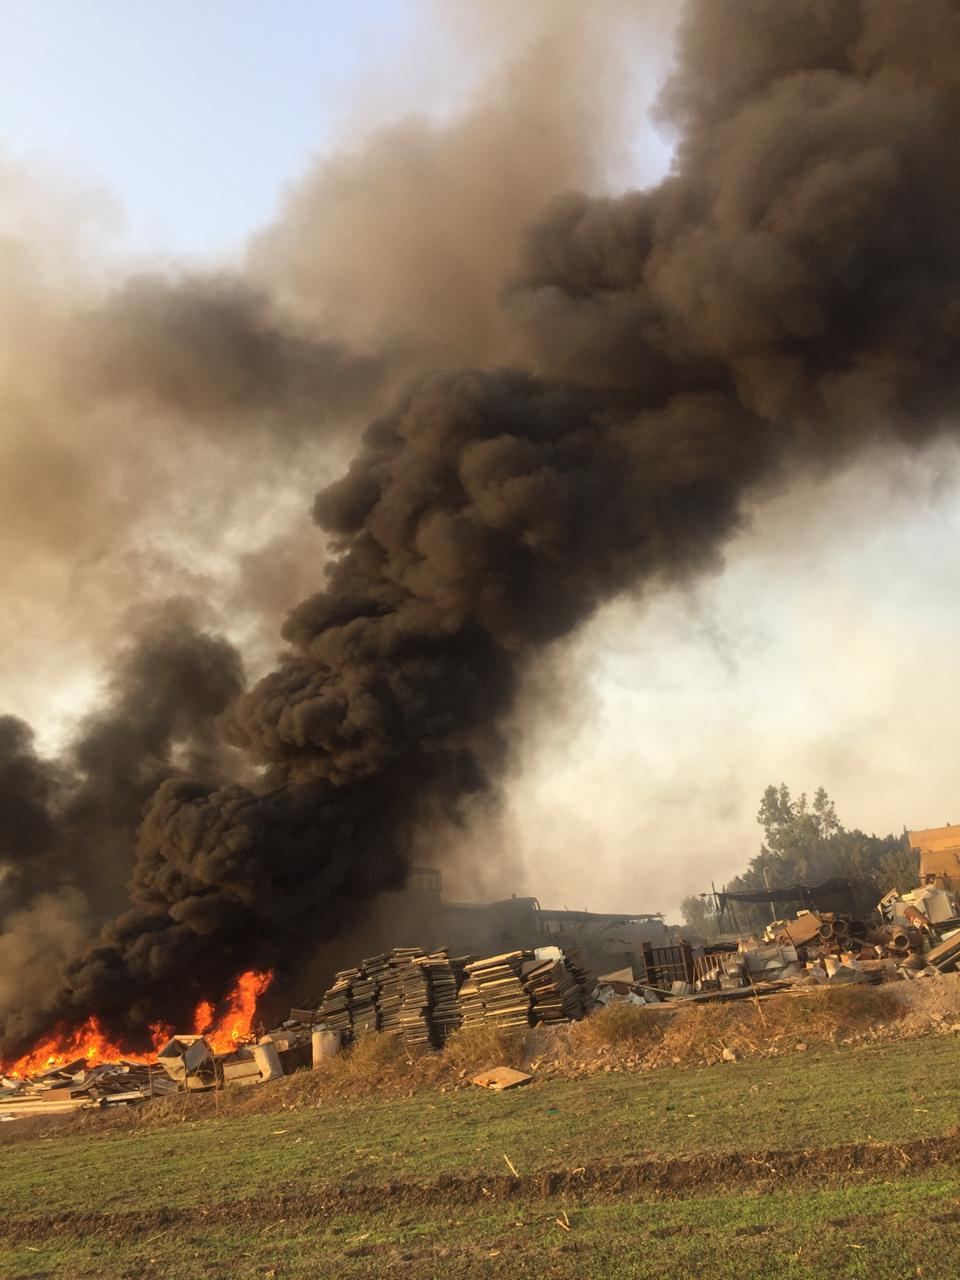 حريق هائل بشونة خردة بطريق  زفتي - طنطا  في الغربية  (4)